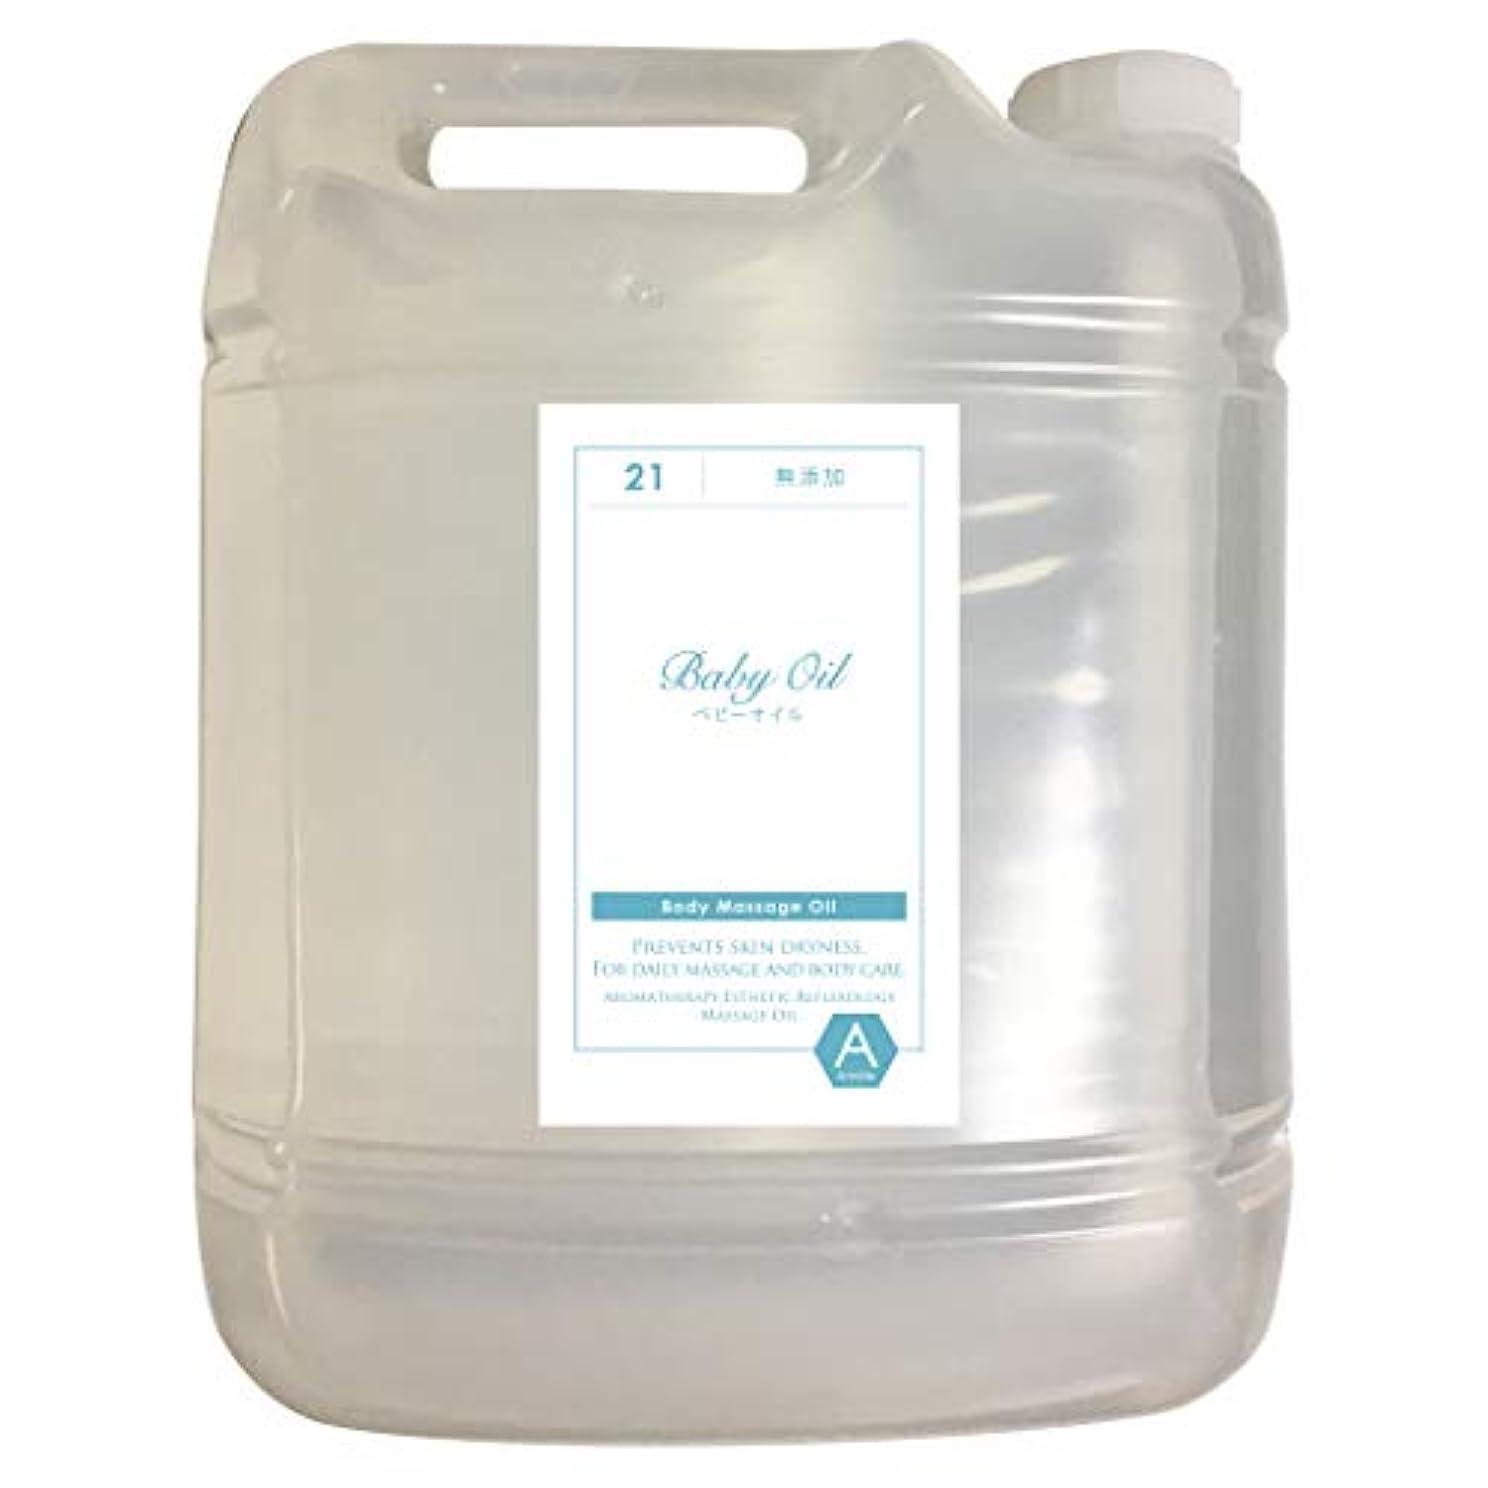 生むアヒルディレクトリ無添加ベビーオイル(無香料)業務用サイズマッサージオイル 5L